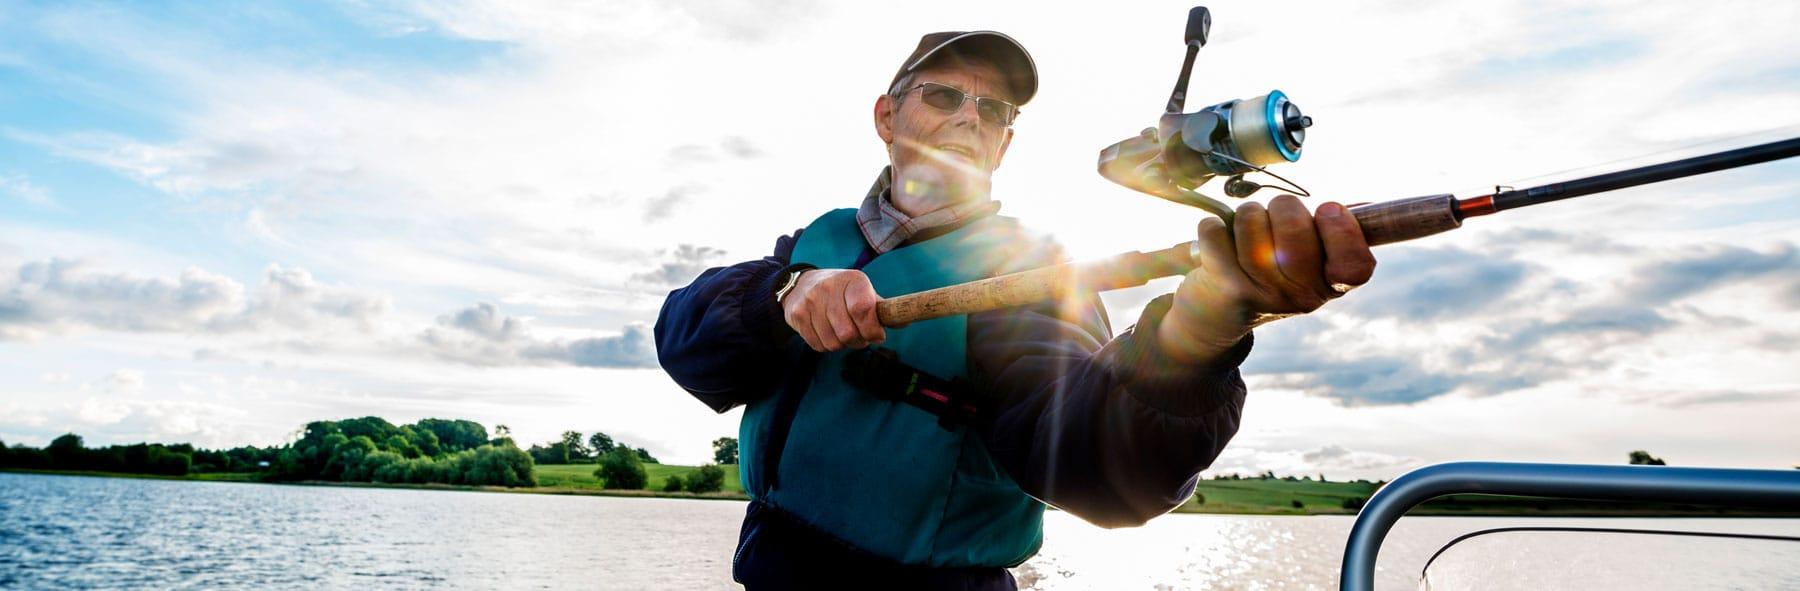 fishing trips in door county wisconsin